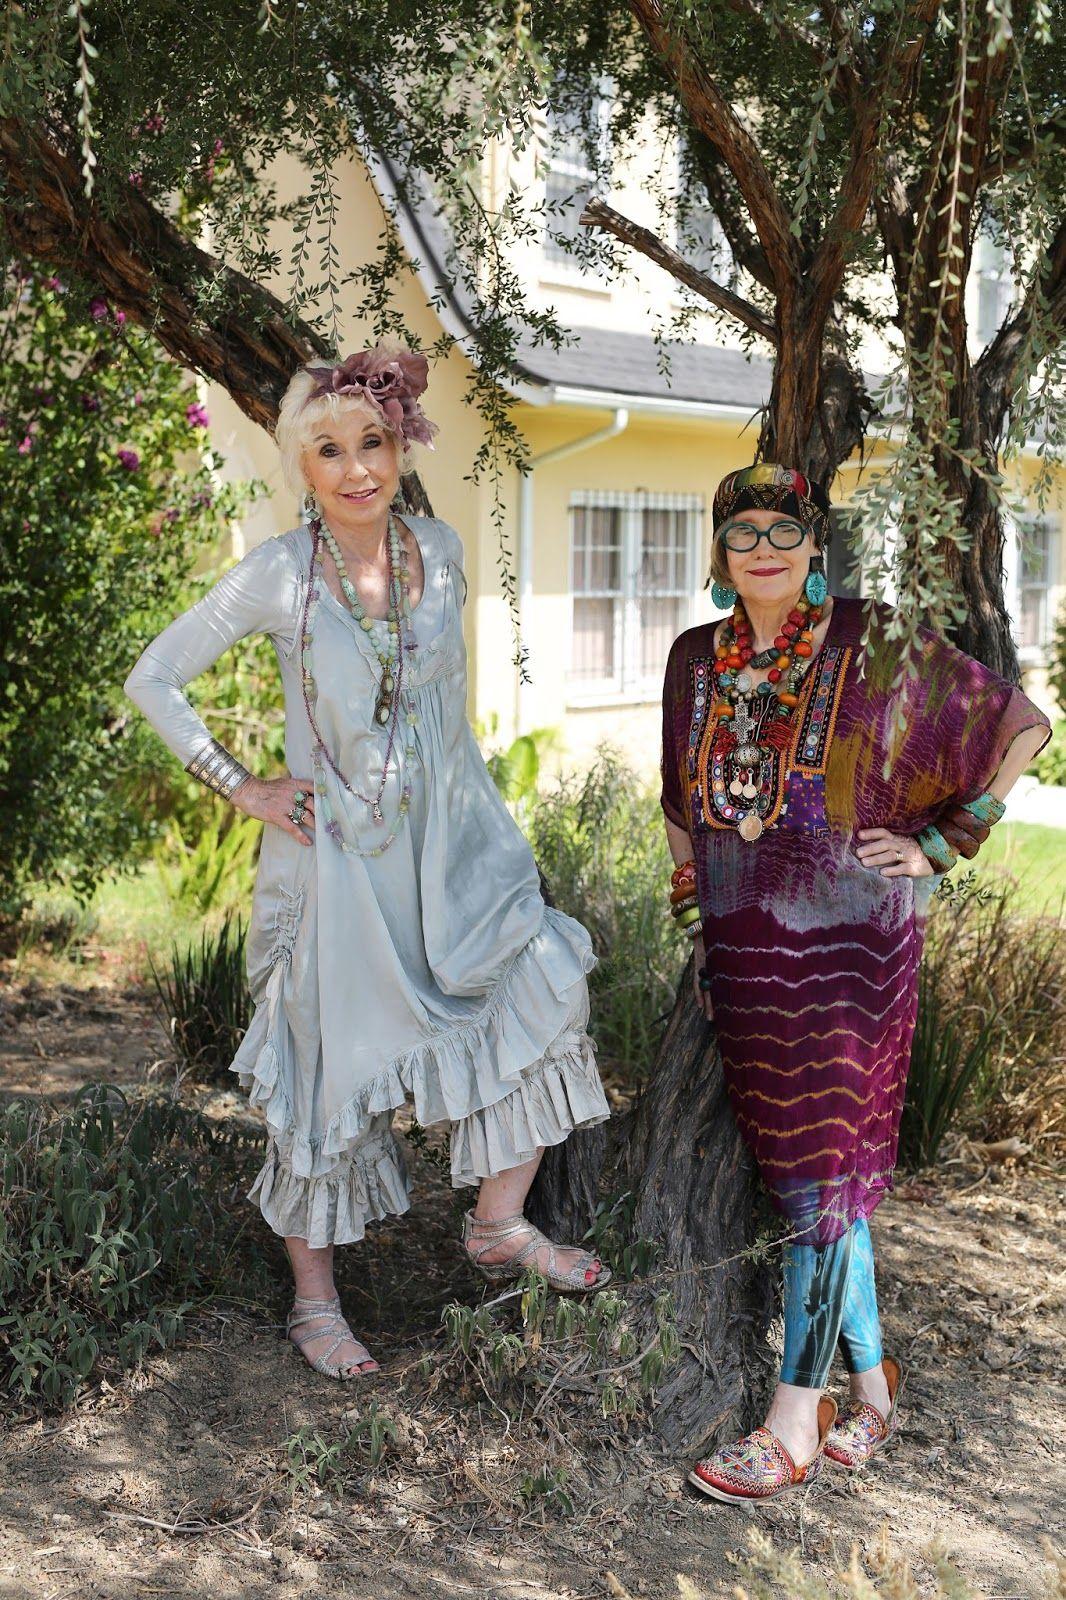 Gretchen and Suzi | ADVANCED STYLE | Bloglovin'